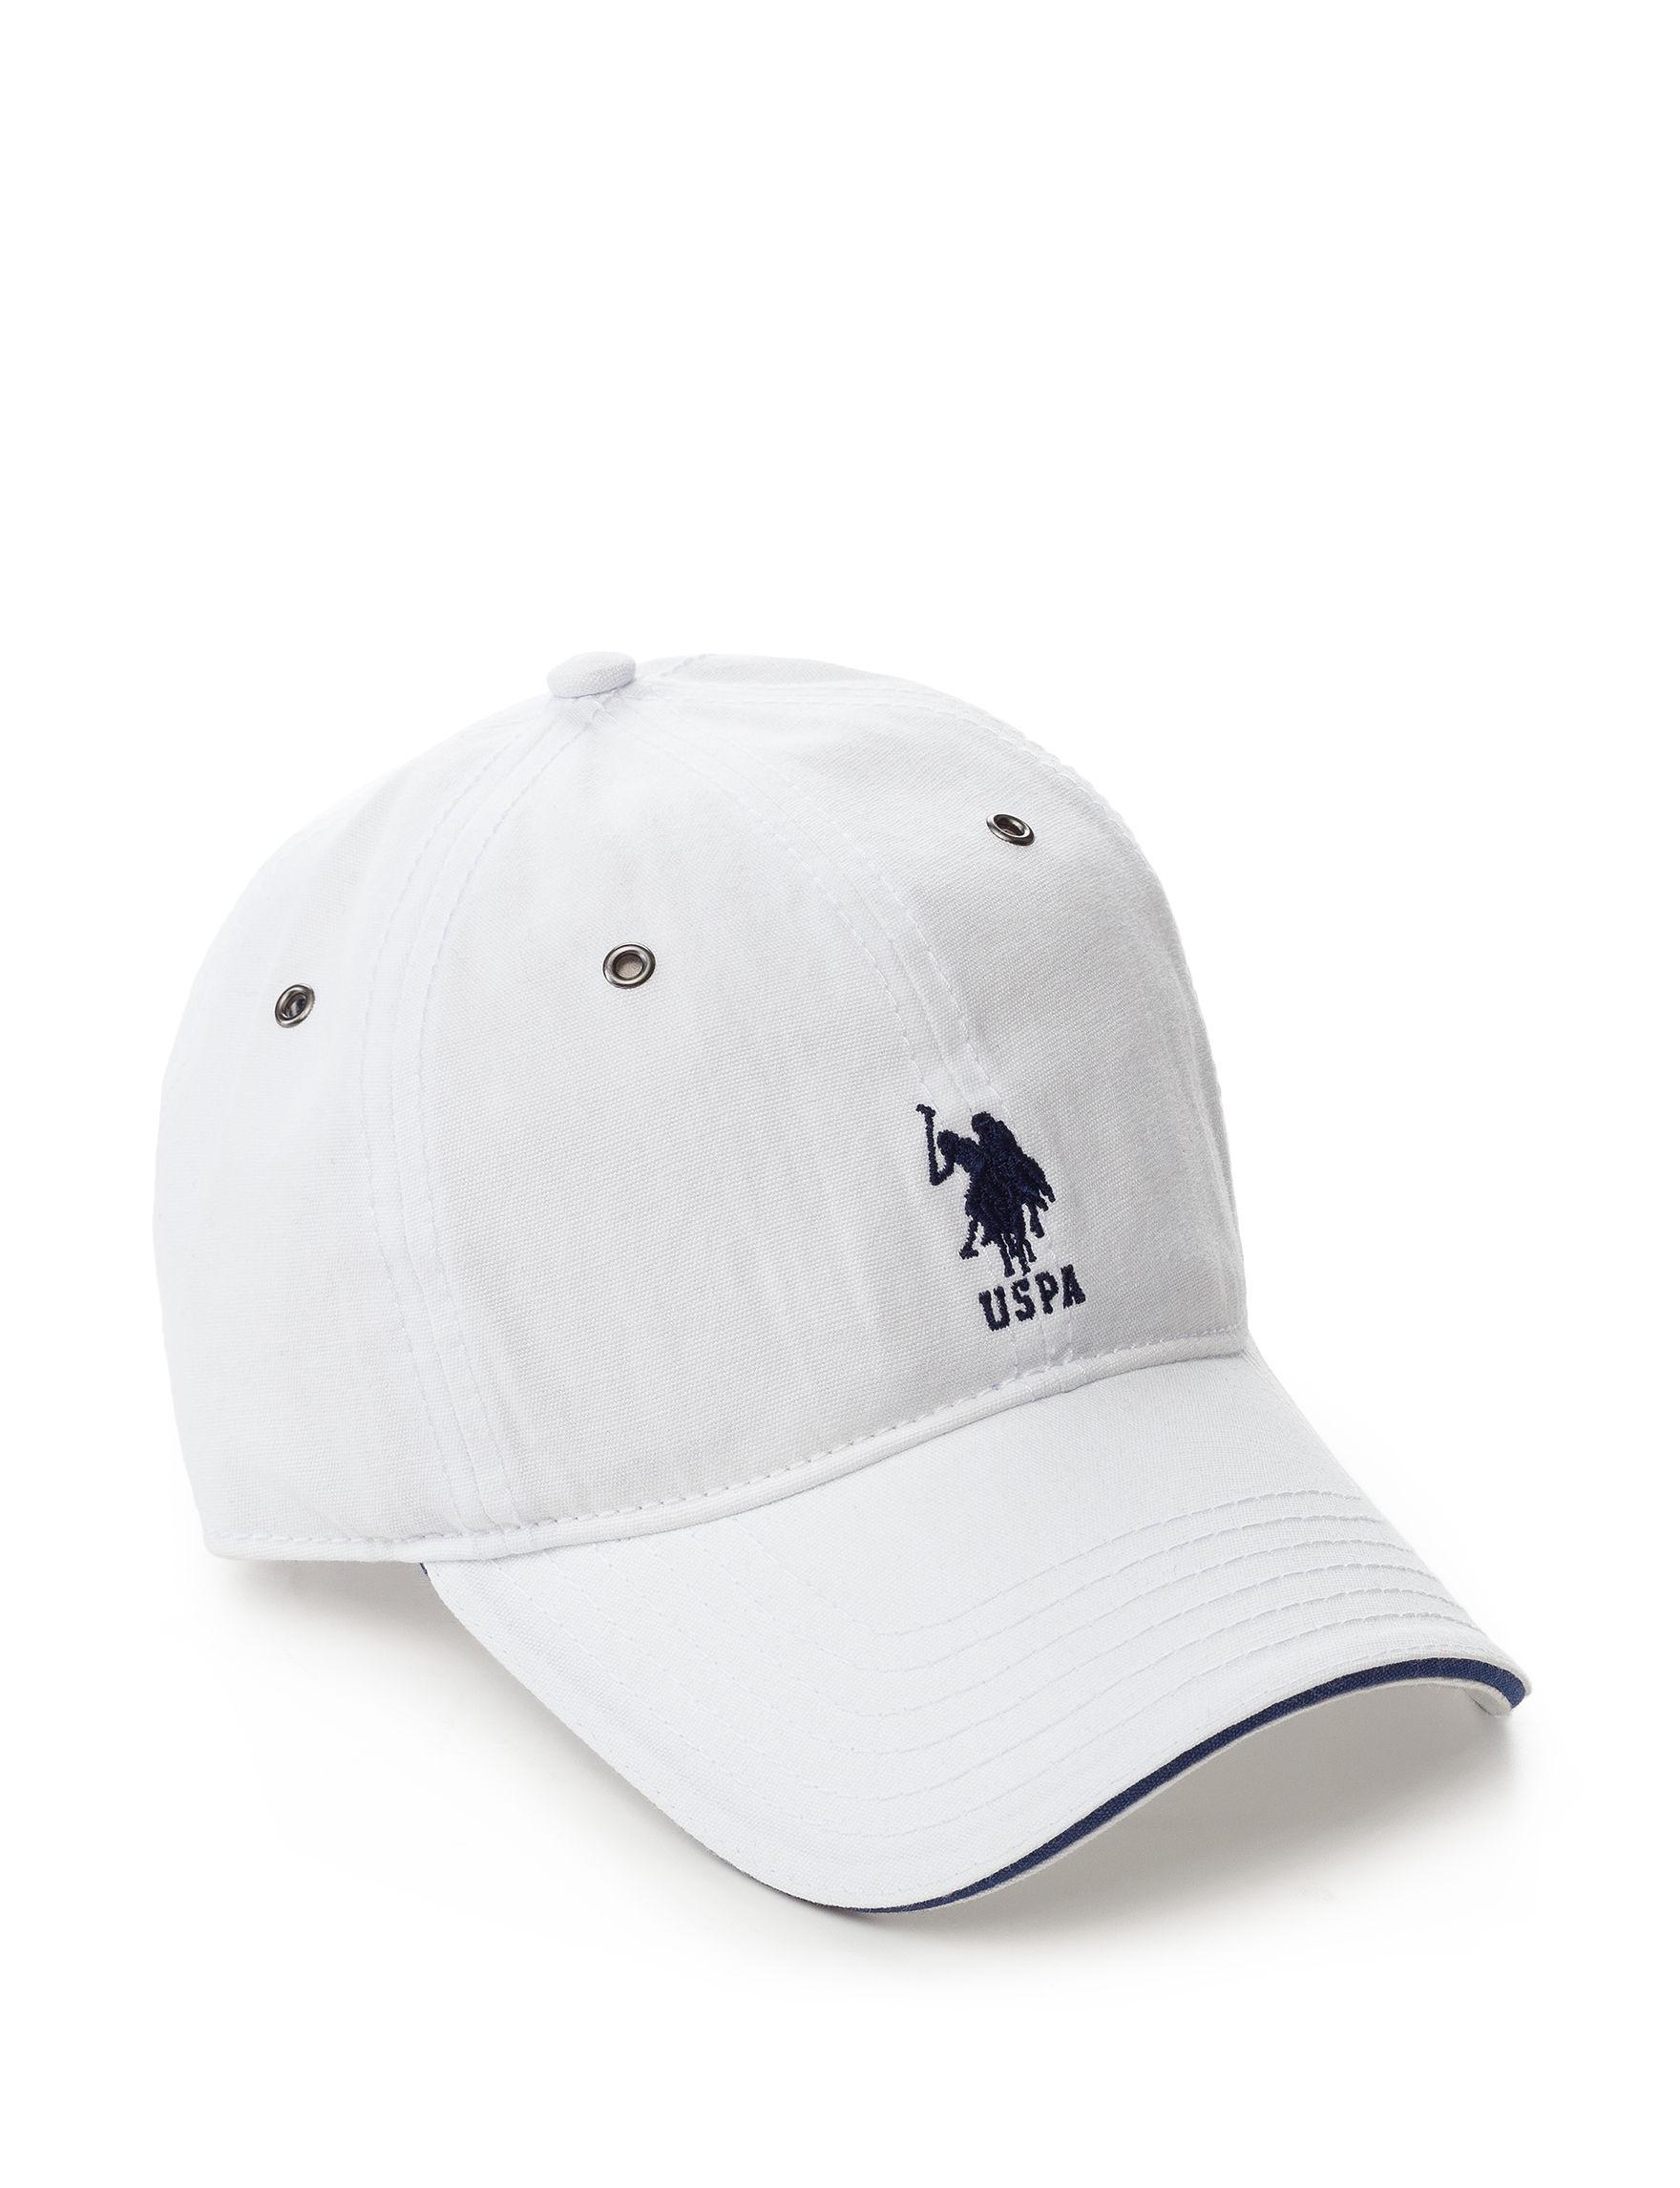 U.S. Polo Assn. White